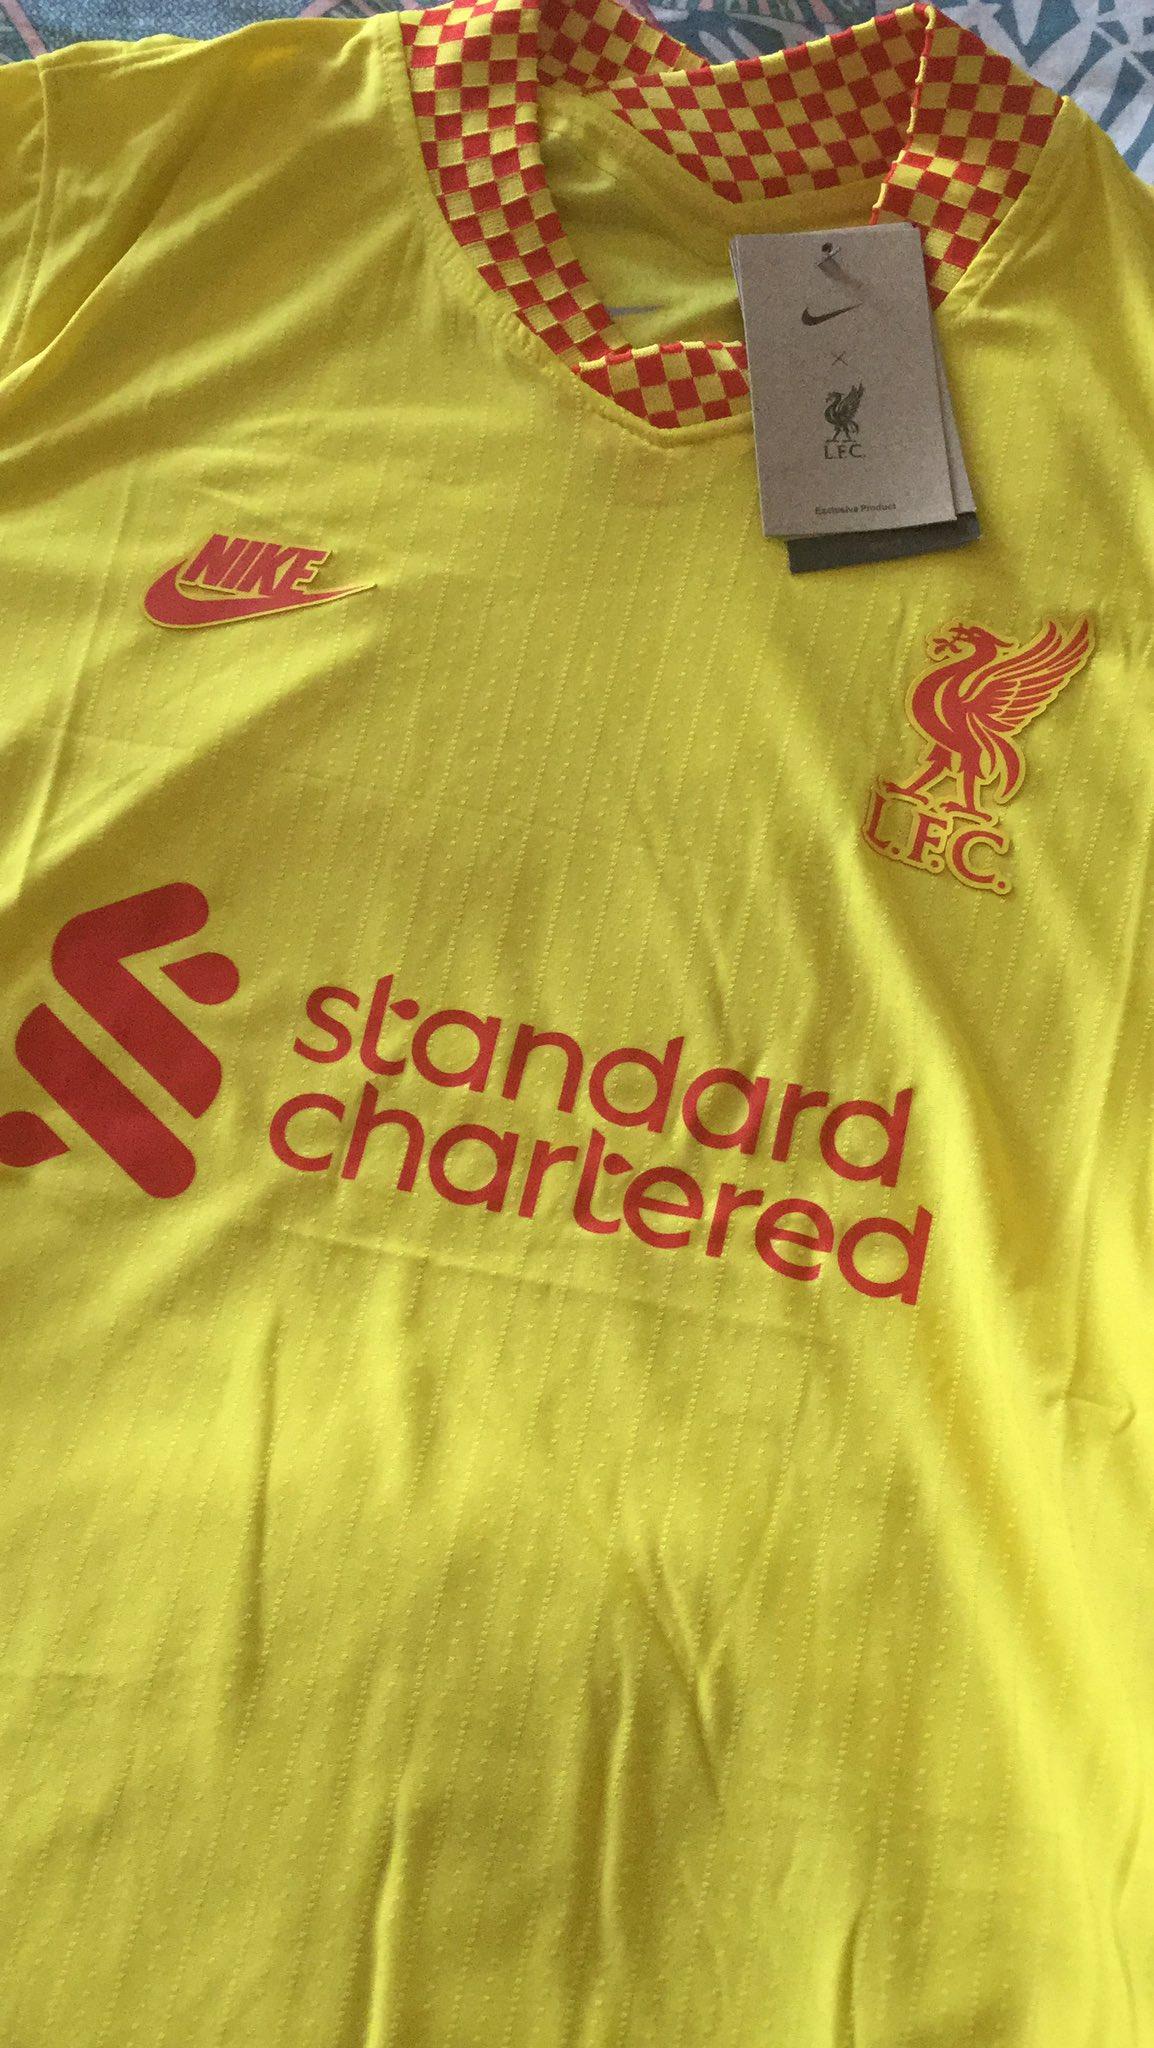 Liverpool 2022 3eme maillot de foot third